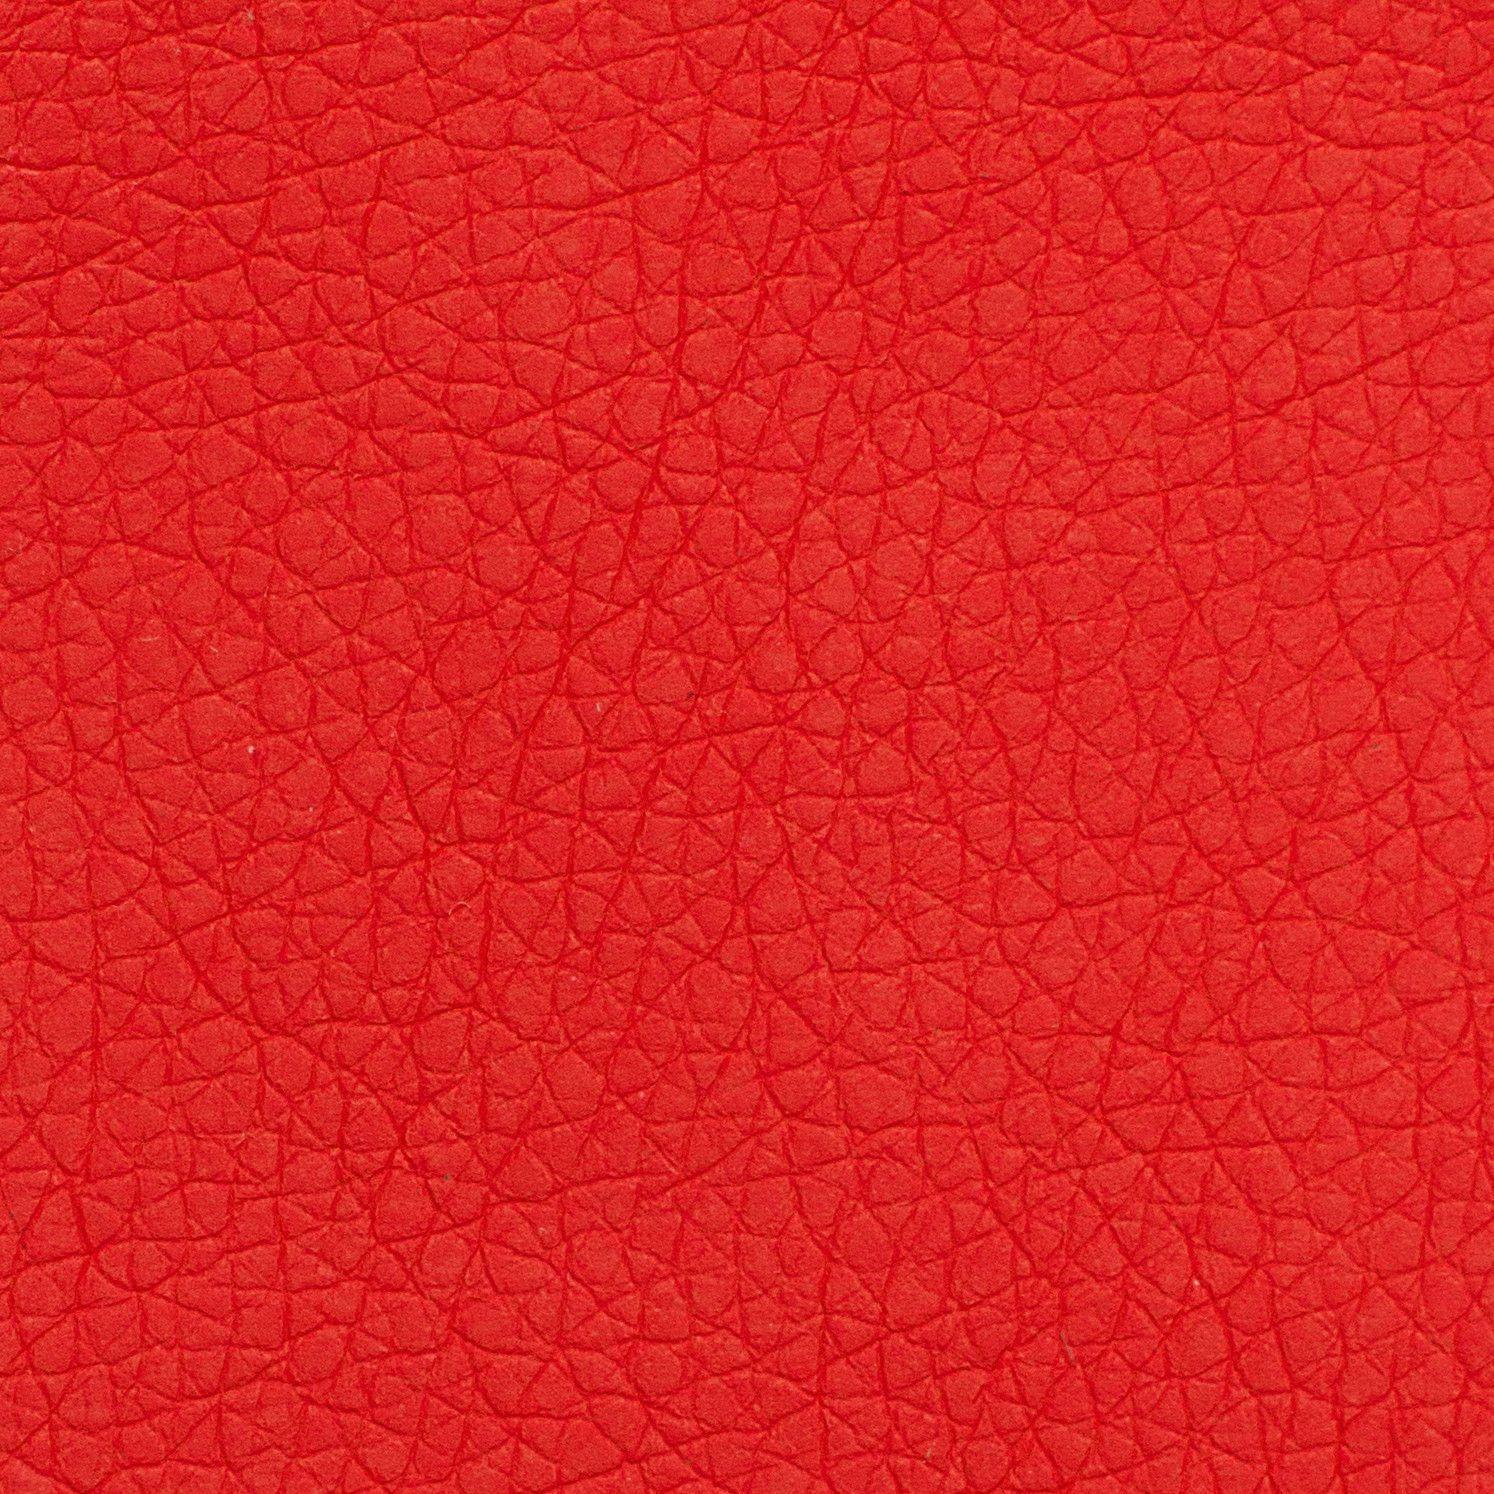 Иск. кожа Dollaro - Ярко-красный 58